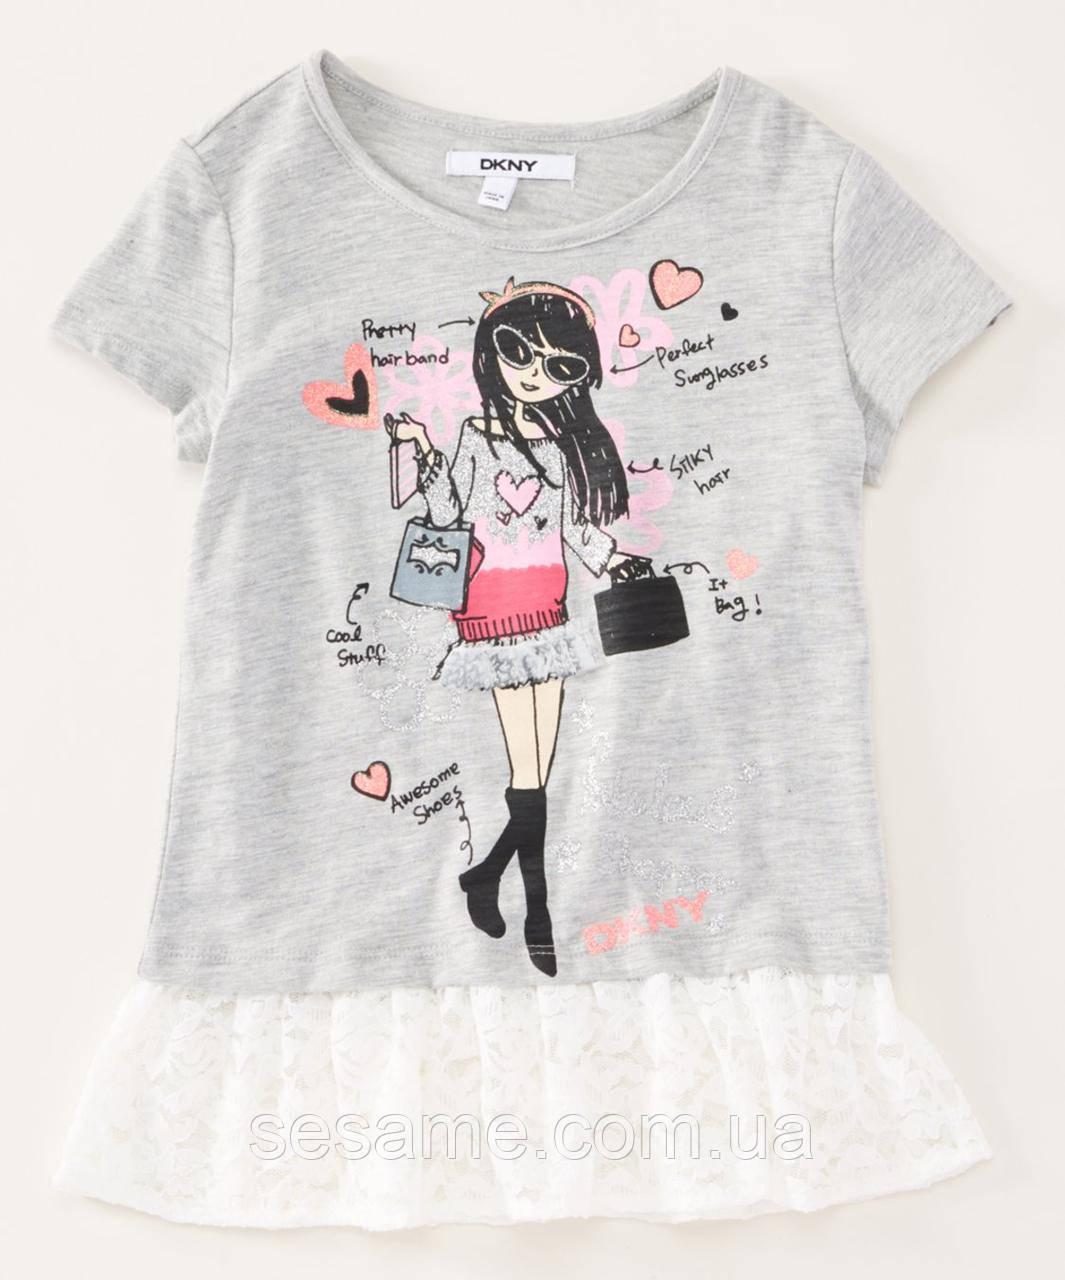 Детская футболка DKNY серая для девочки, 0182